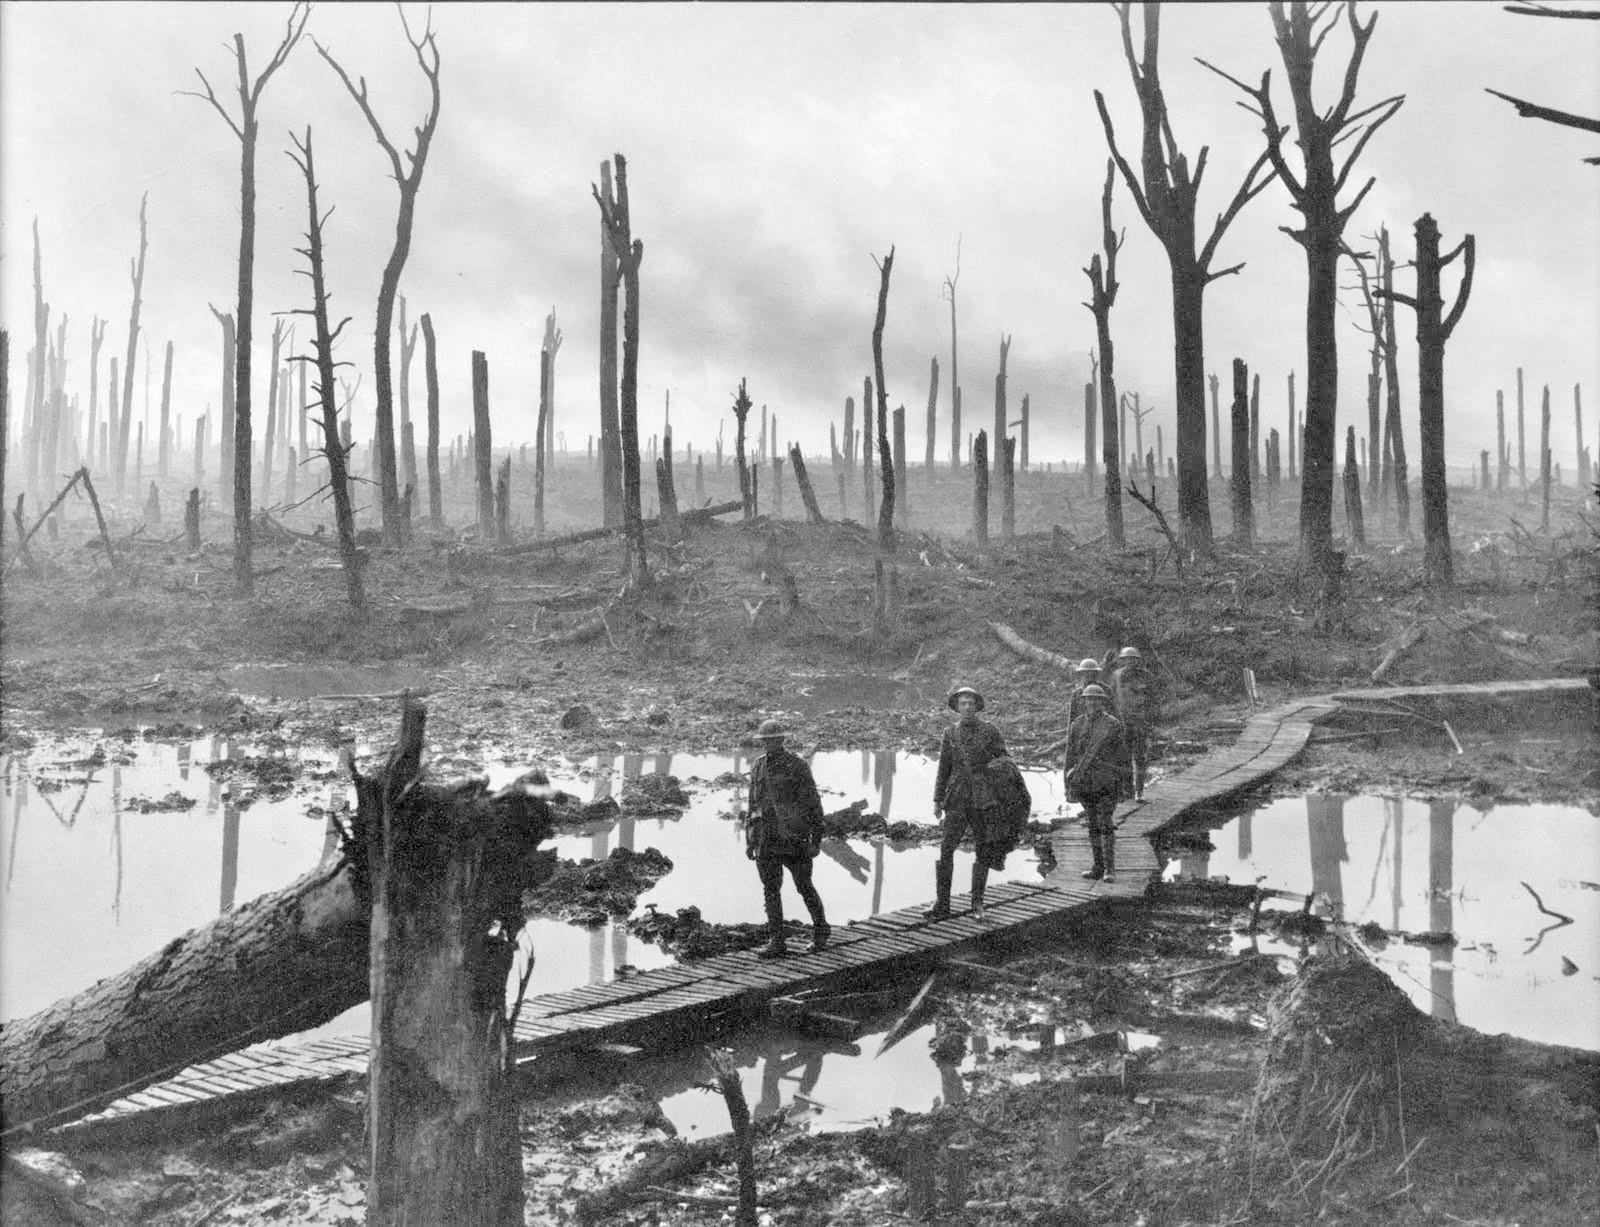 Климатическая аномалия могла привести к росту числа смертей в Первую мировую войну